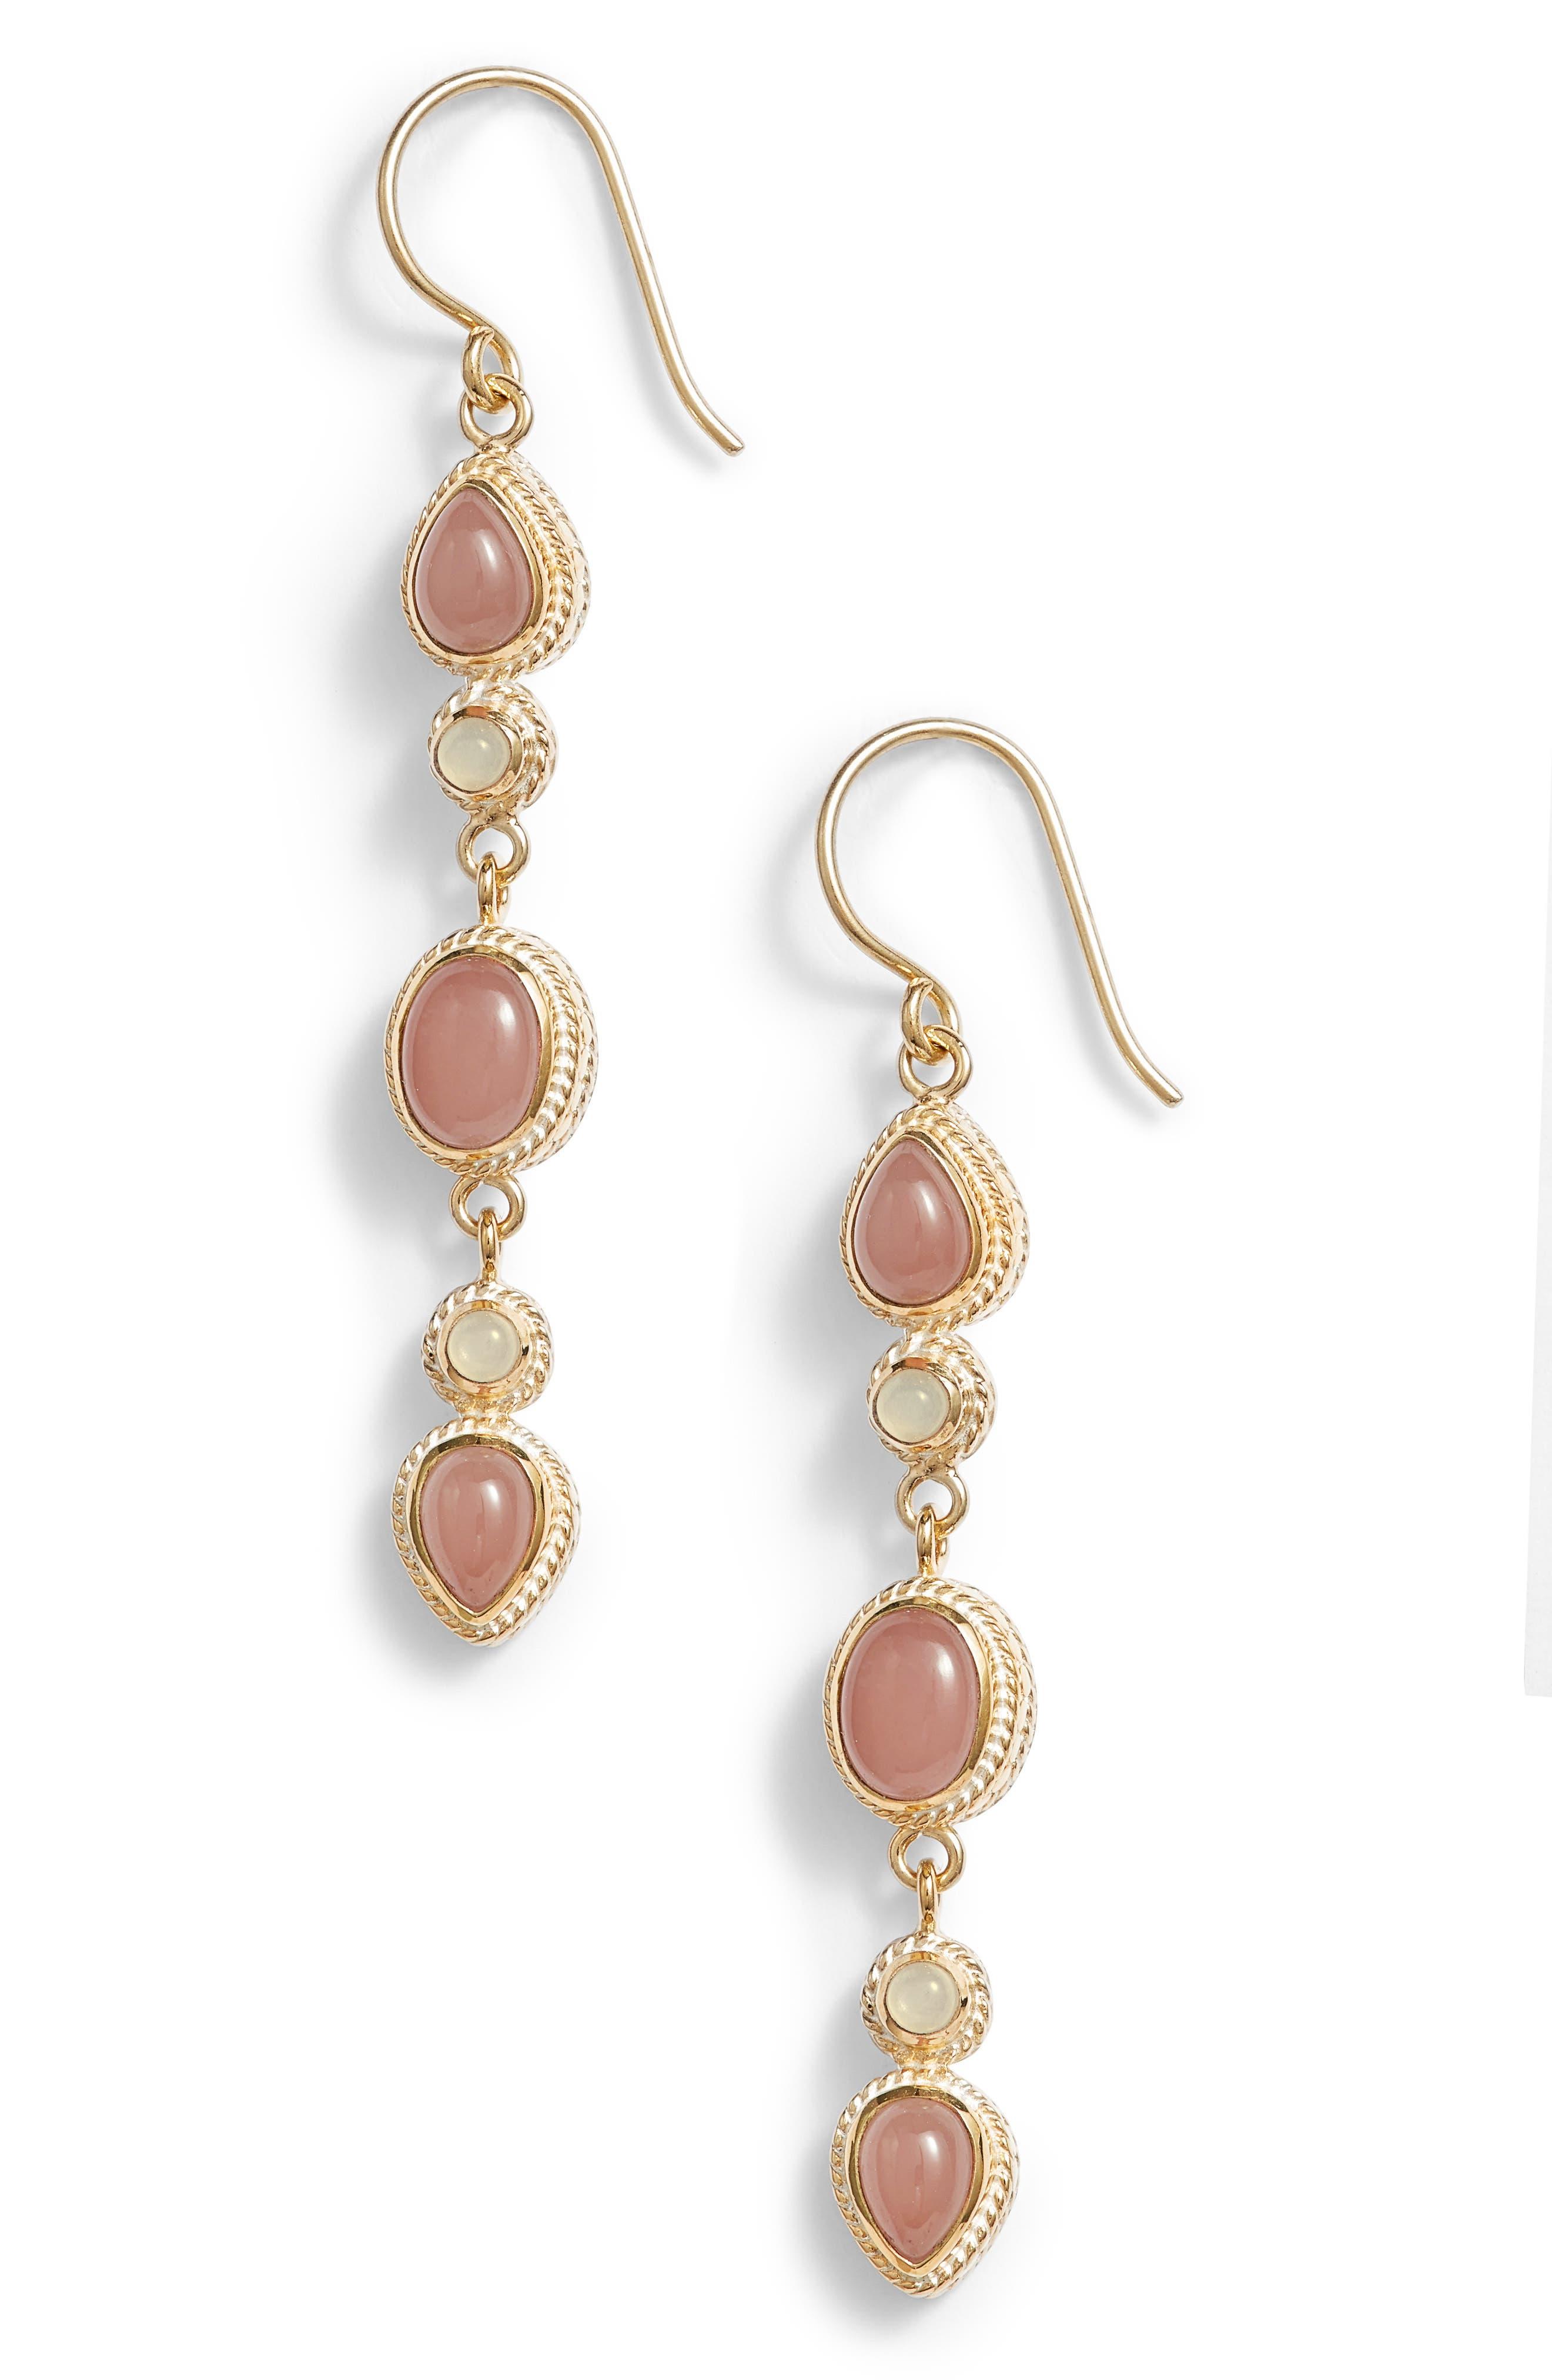 Guava Quartz & Moonstone Linear Drop Earrings,                             Main thumbnail 1, color,                             Gold/ Guava/ Moonstone